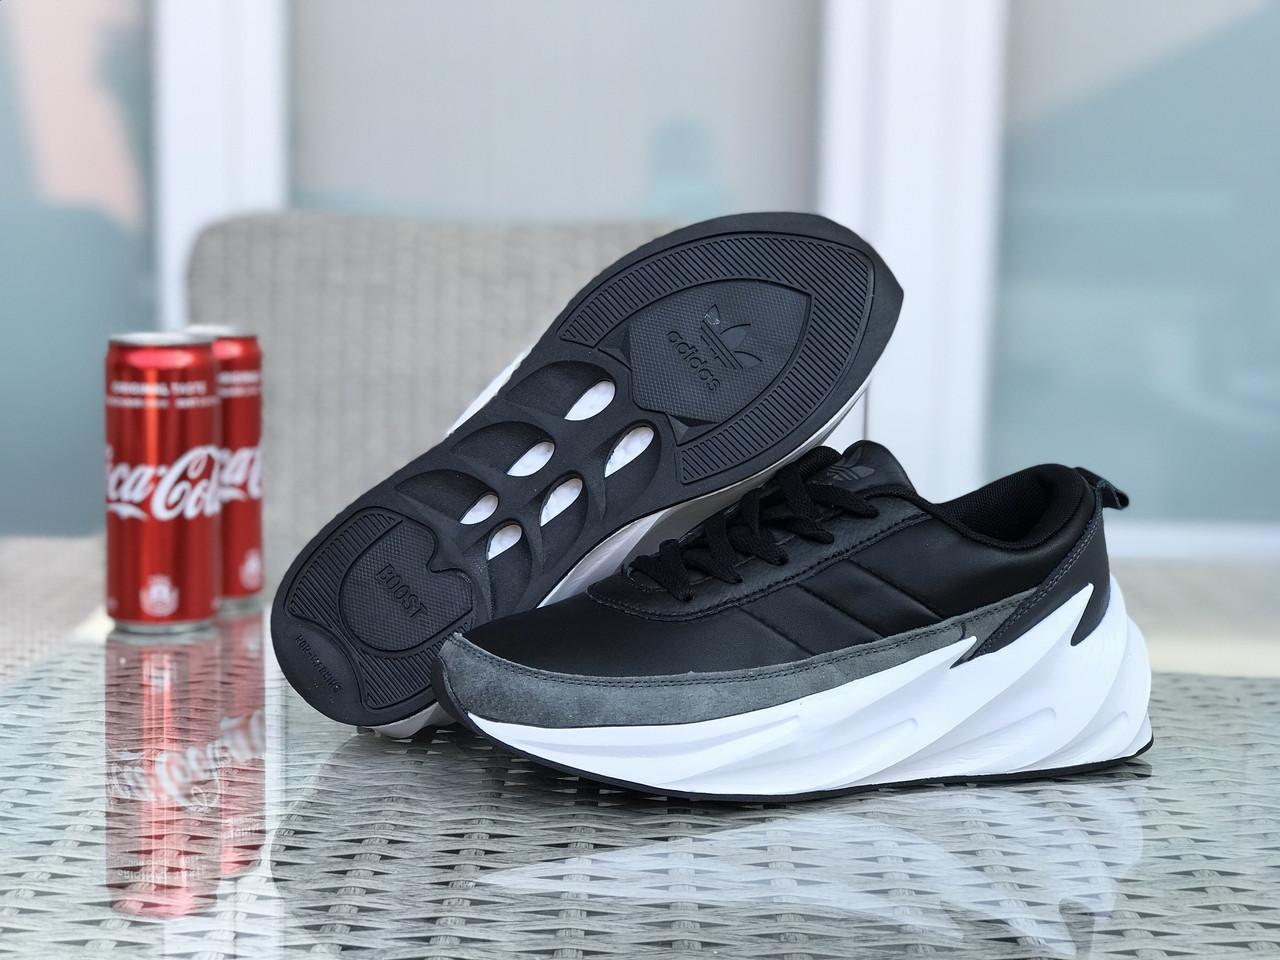 Кросівки чоловічі в стилі  Adidas Sharks  чорно сірі з білим  ТОП якість